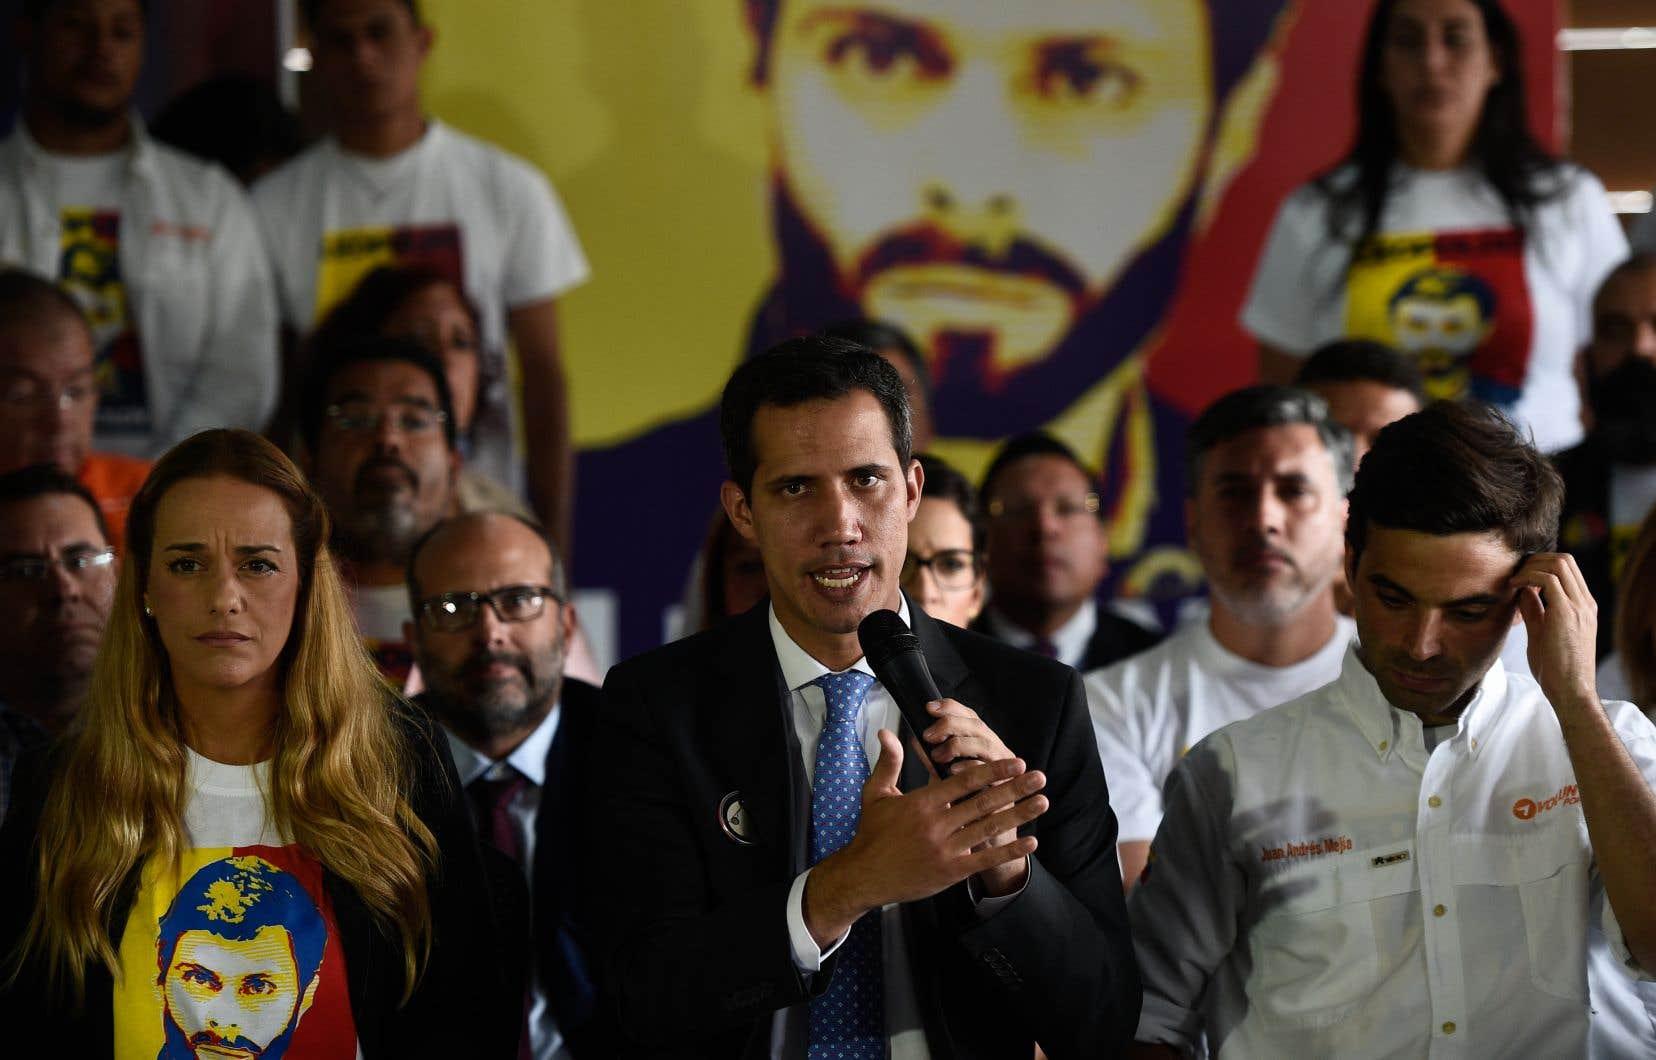 Le président autoproclamé du Venezuela, Juan Juan Guaidó s'attachait lundi à organiser les manifestations annoncées pour soutenir les volontaires qui se rendront en «caravanes» samedi aux frontières.